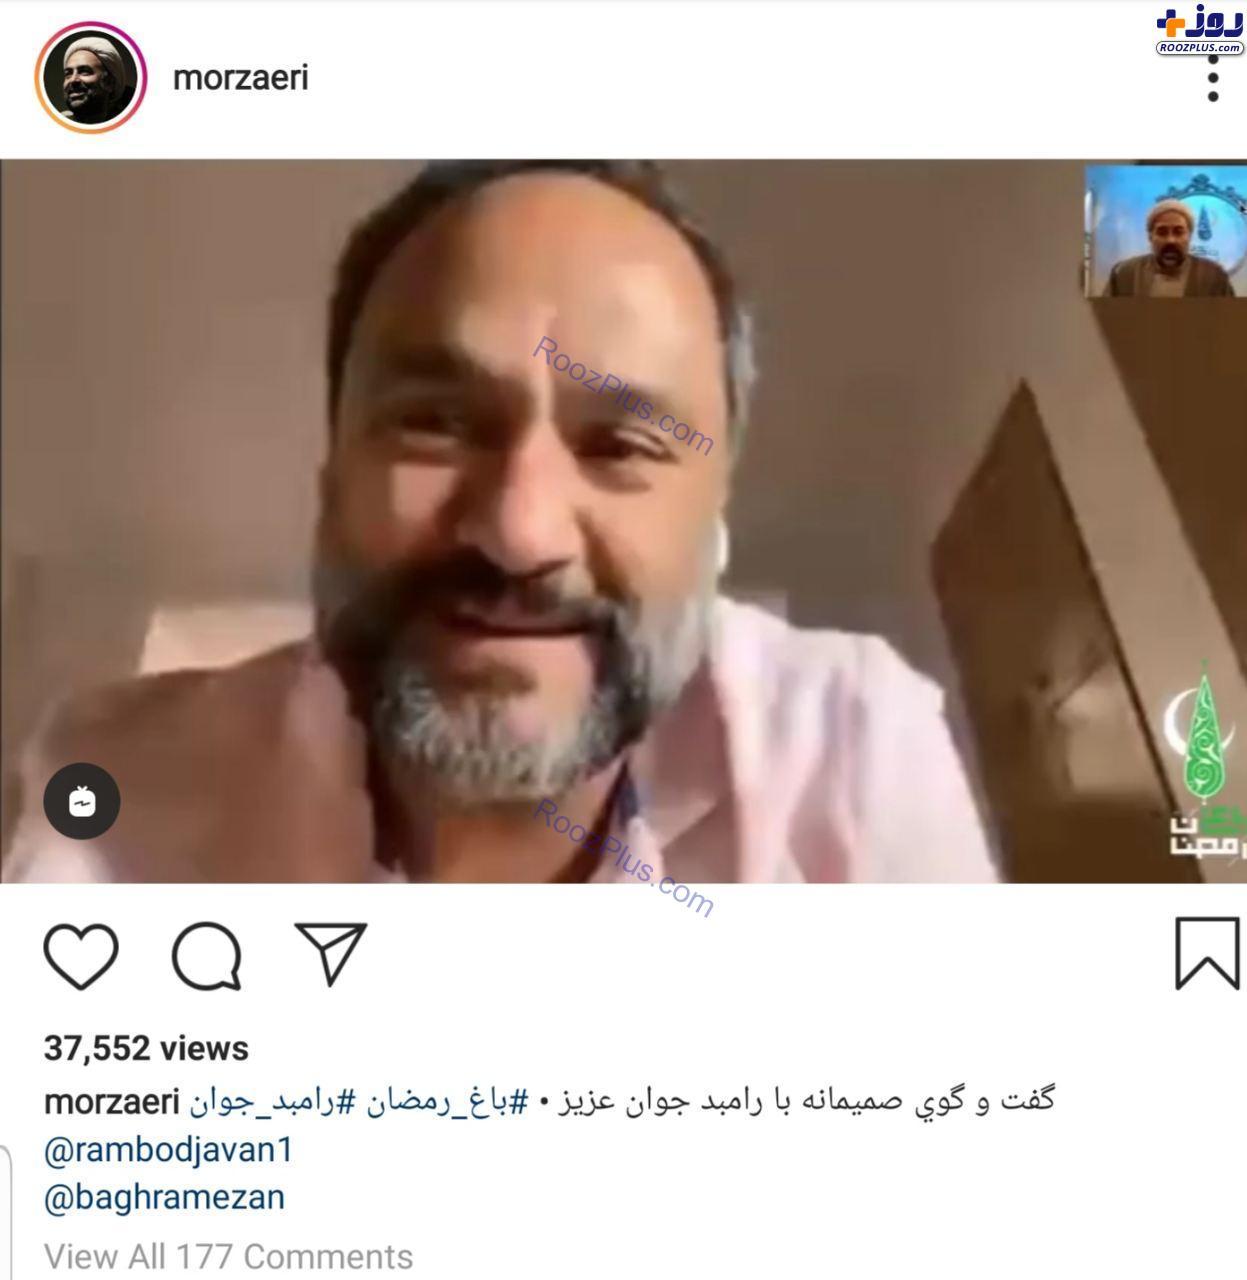 رامبد جوان قصد بازگشت به ایران را ندارد؟ +عکس